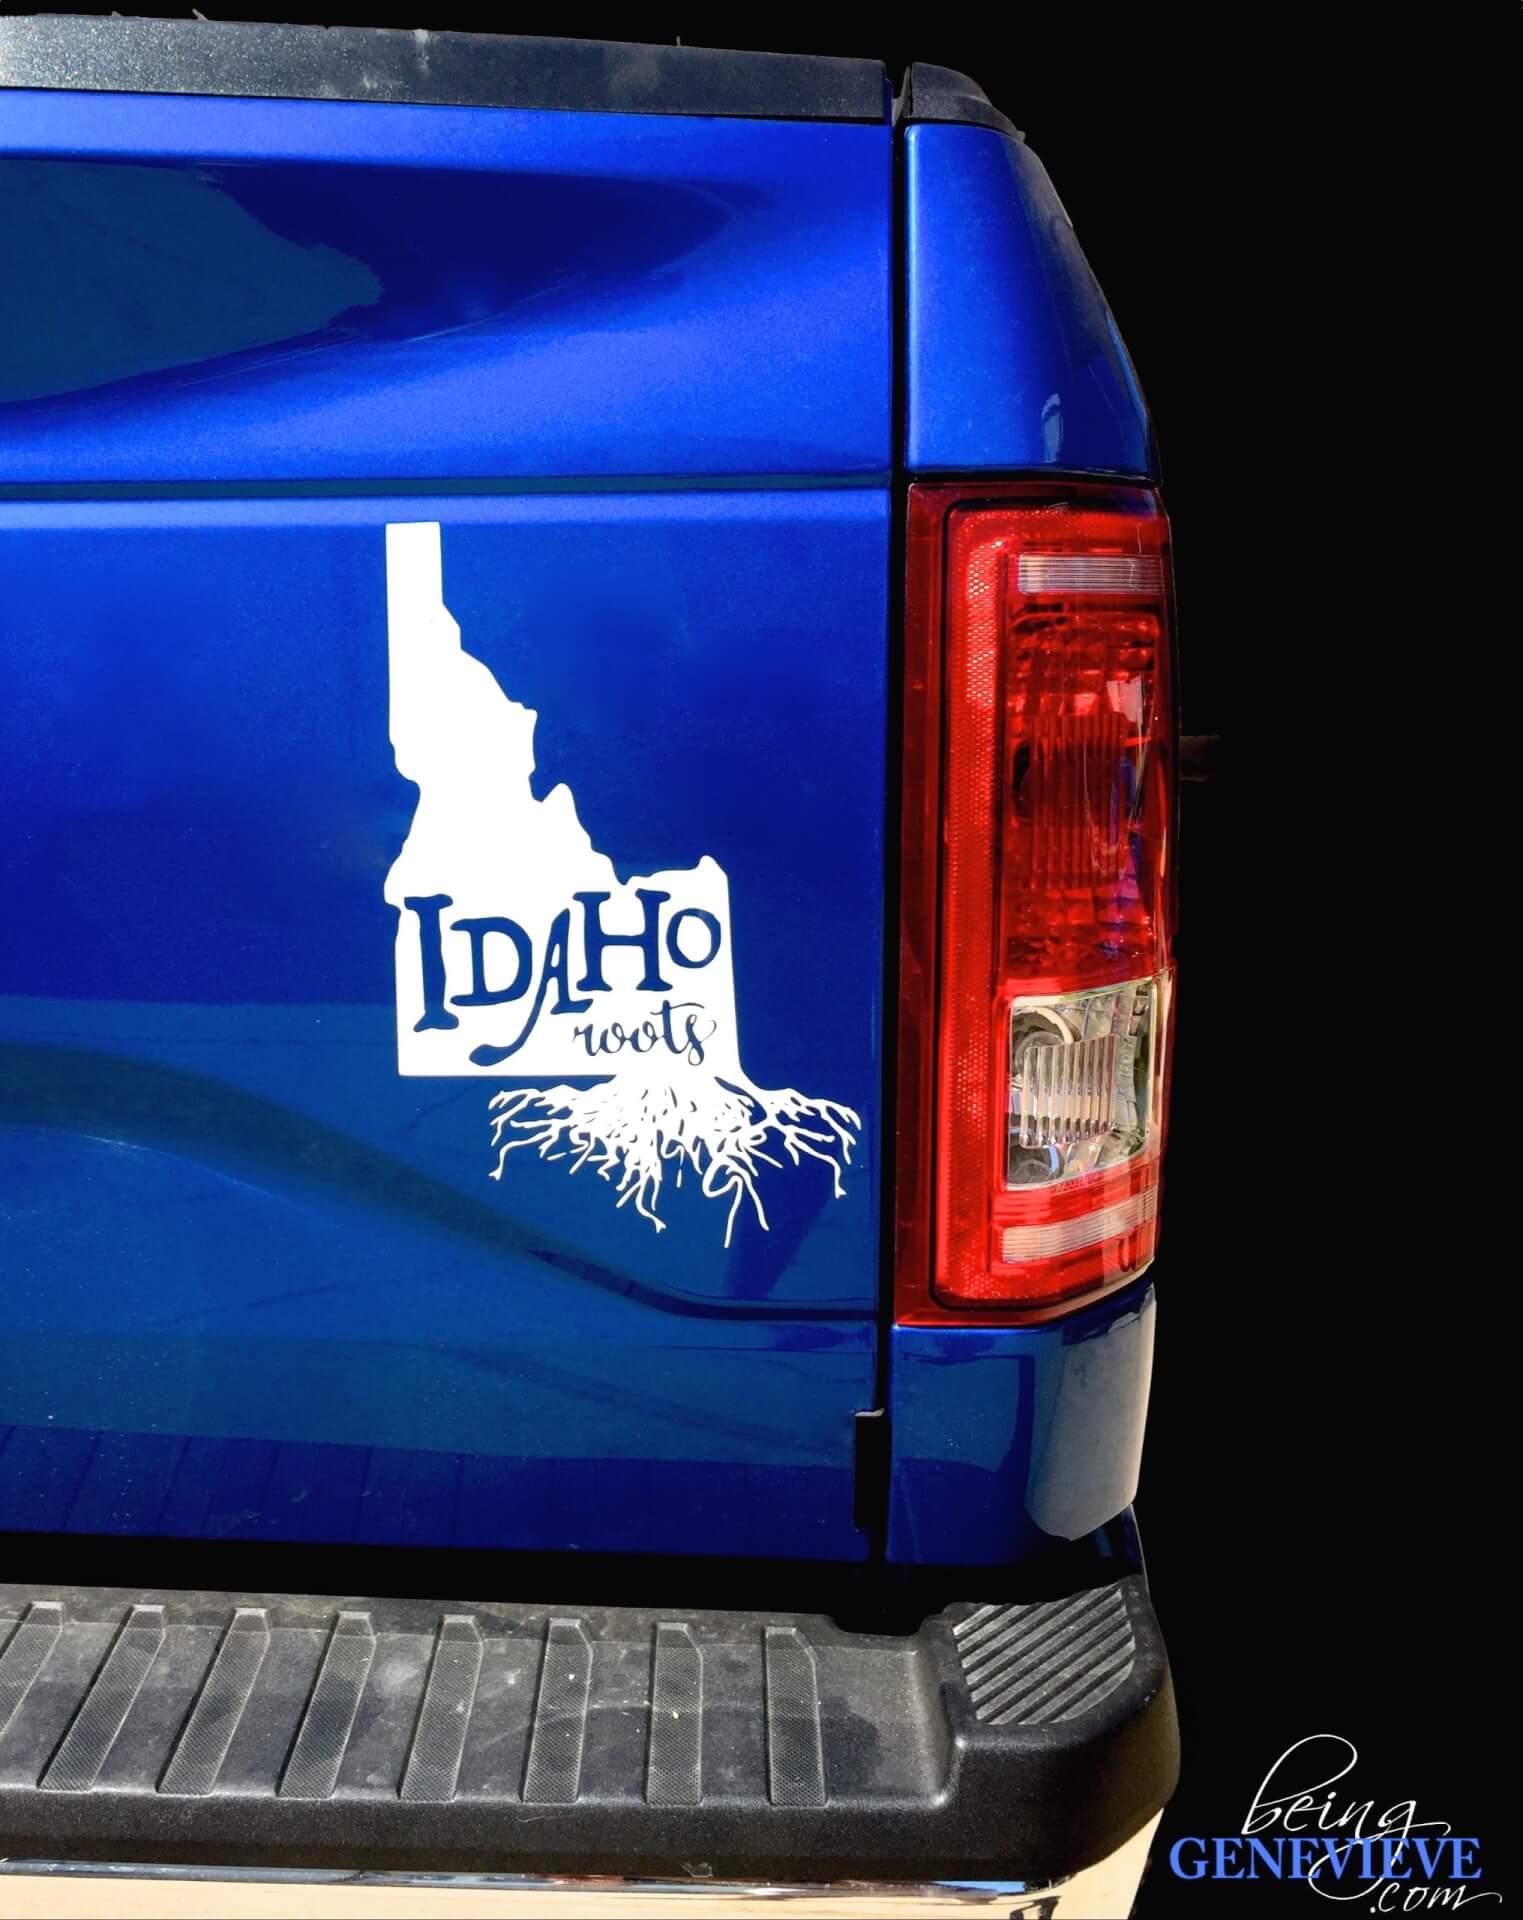 Idaho Roots